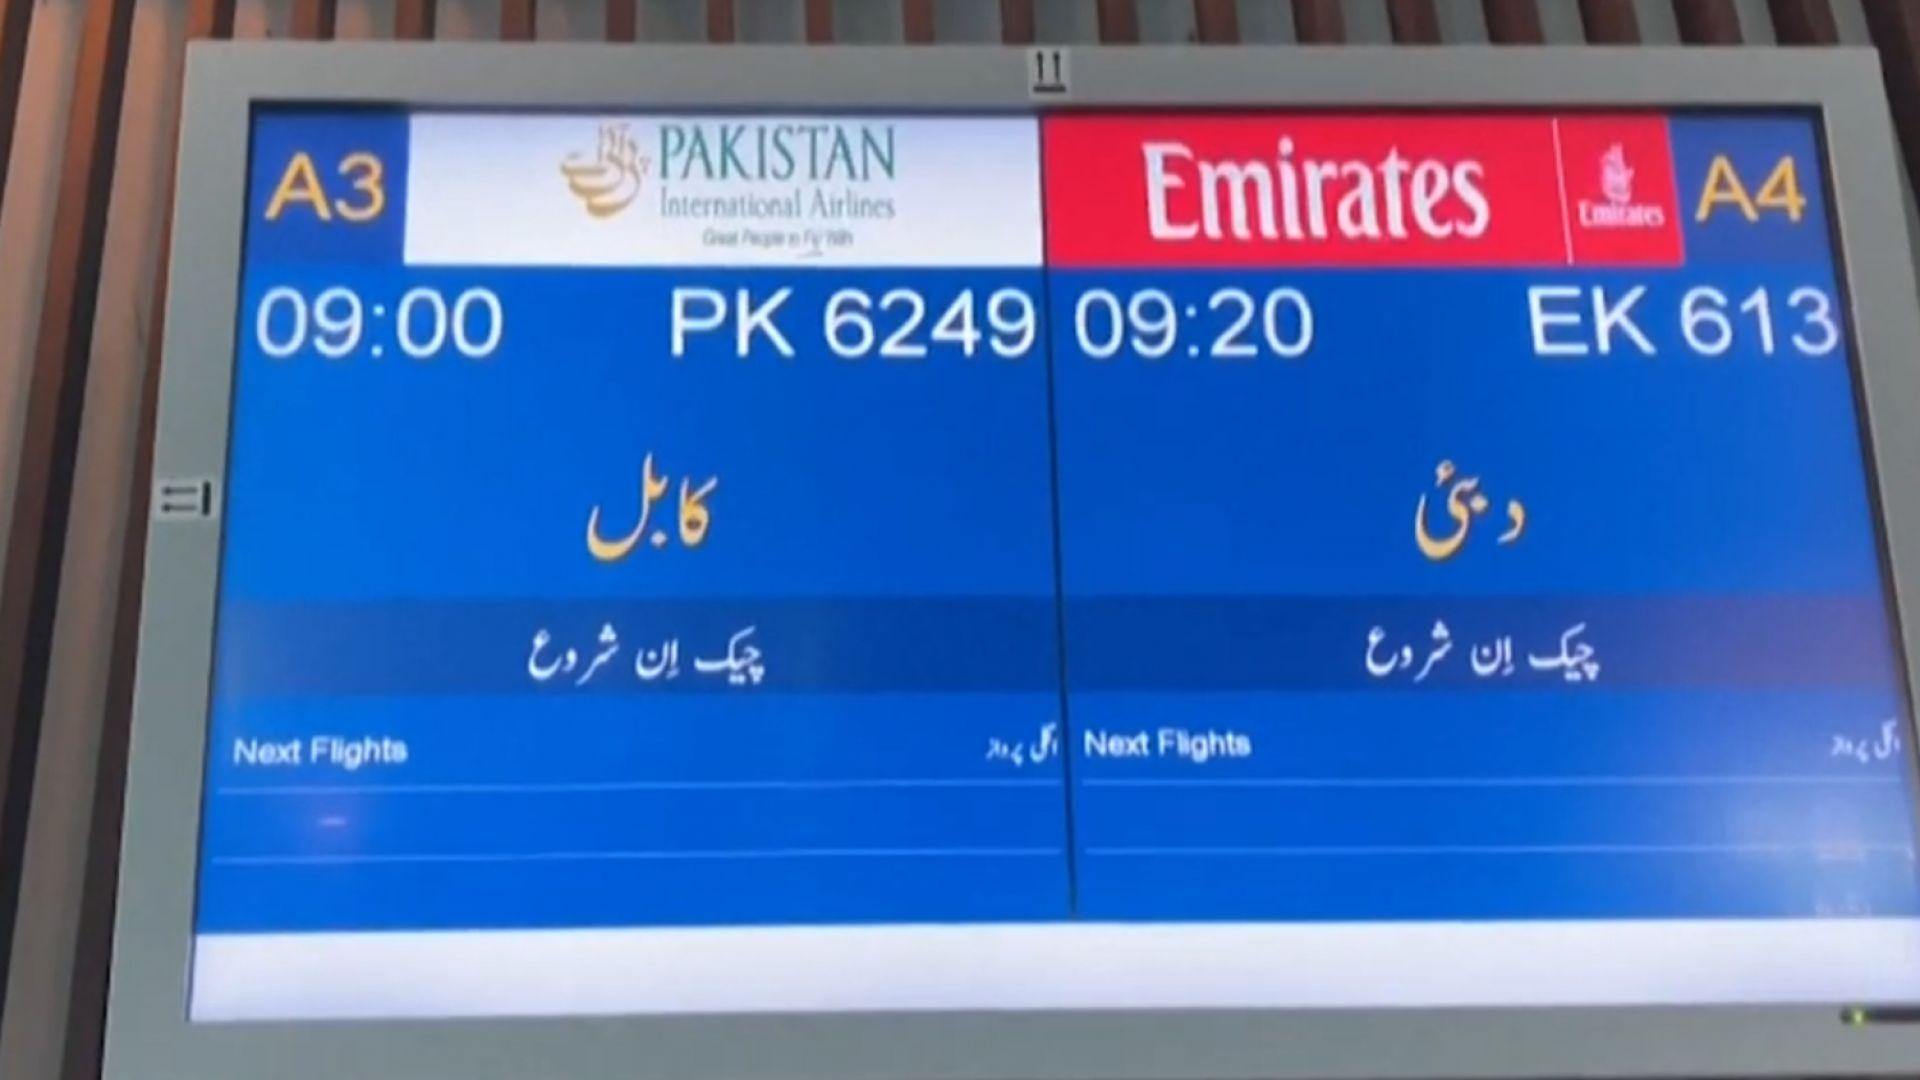 Първи международен търговски самолет в Кабул след идване на талибаните (видео)